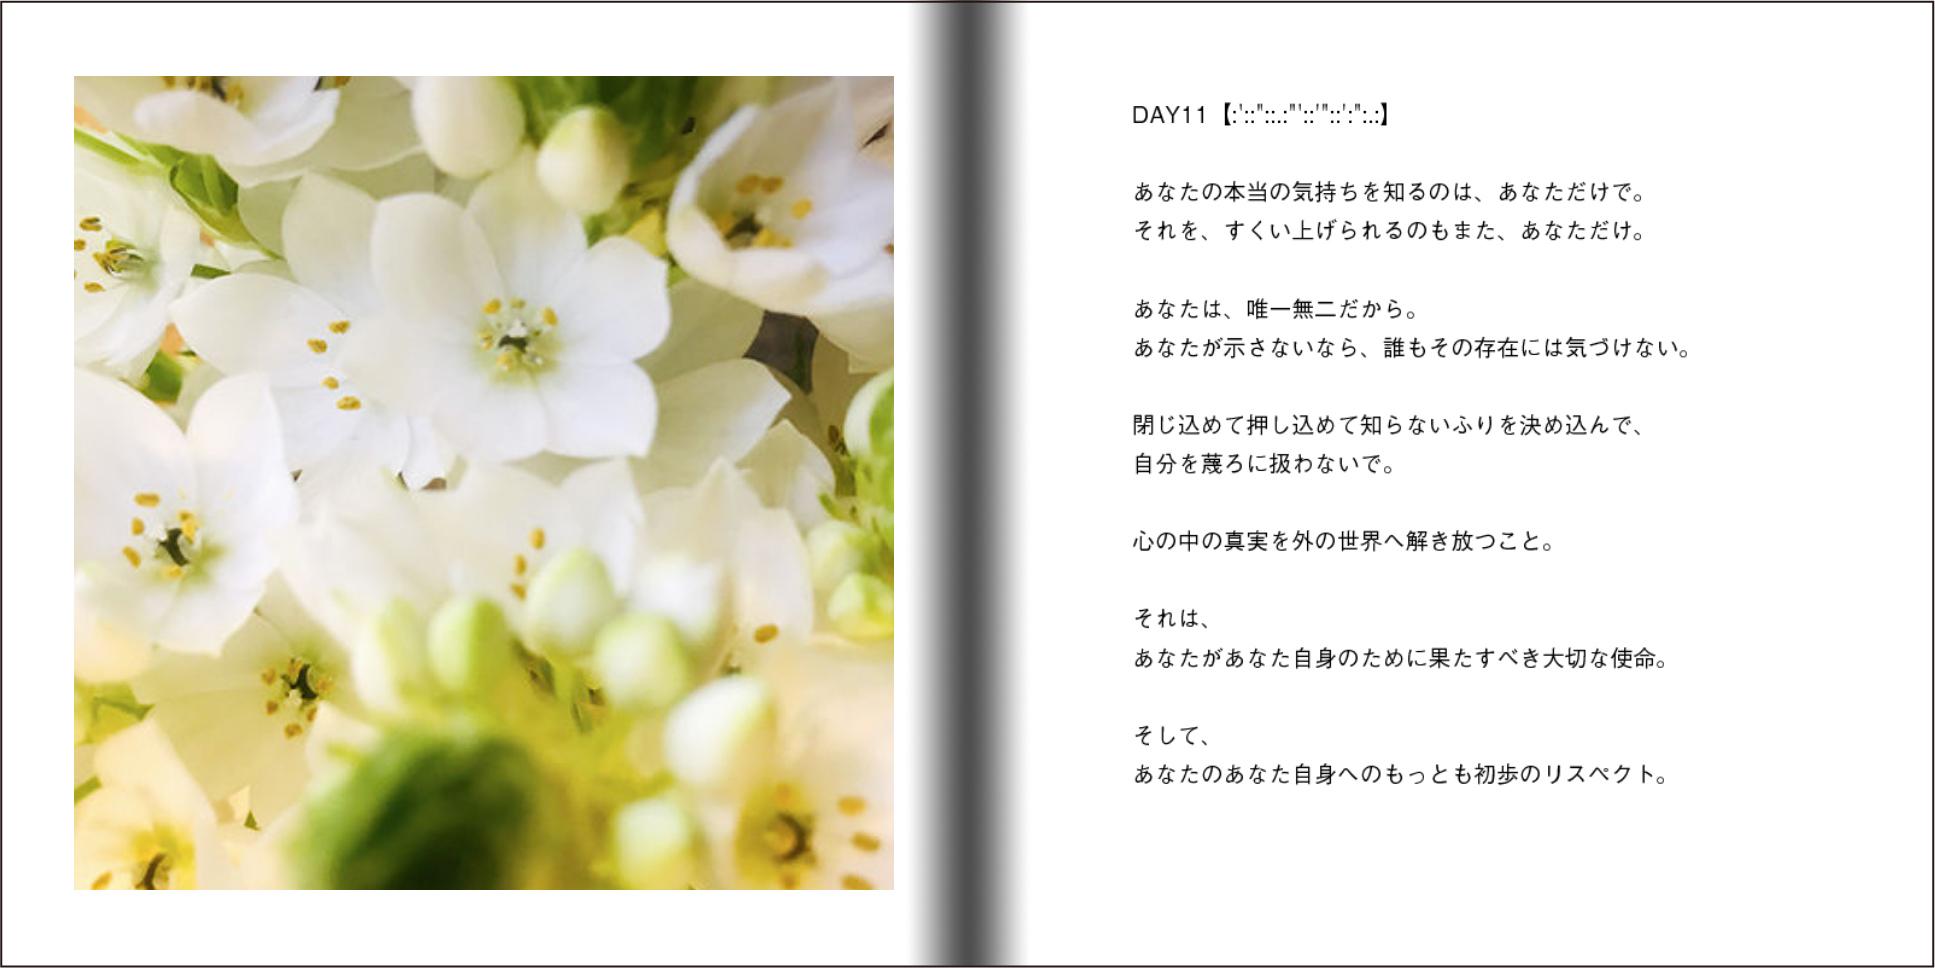 【オーダー承り〼】写真とことばの本『あなたの物語をはじめる』Maki SAEGUSA_d0018646_20175567.jpg